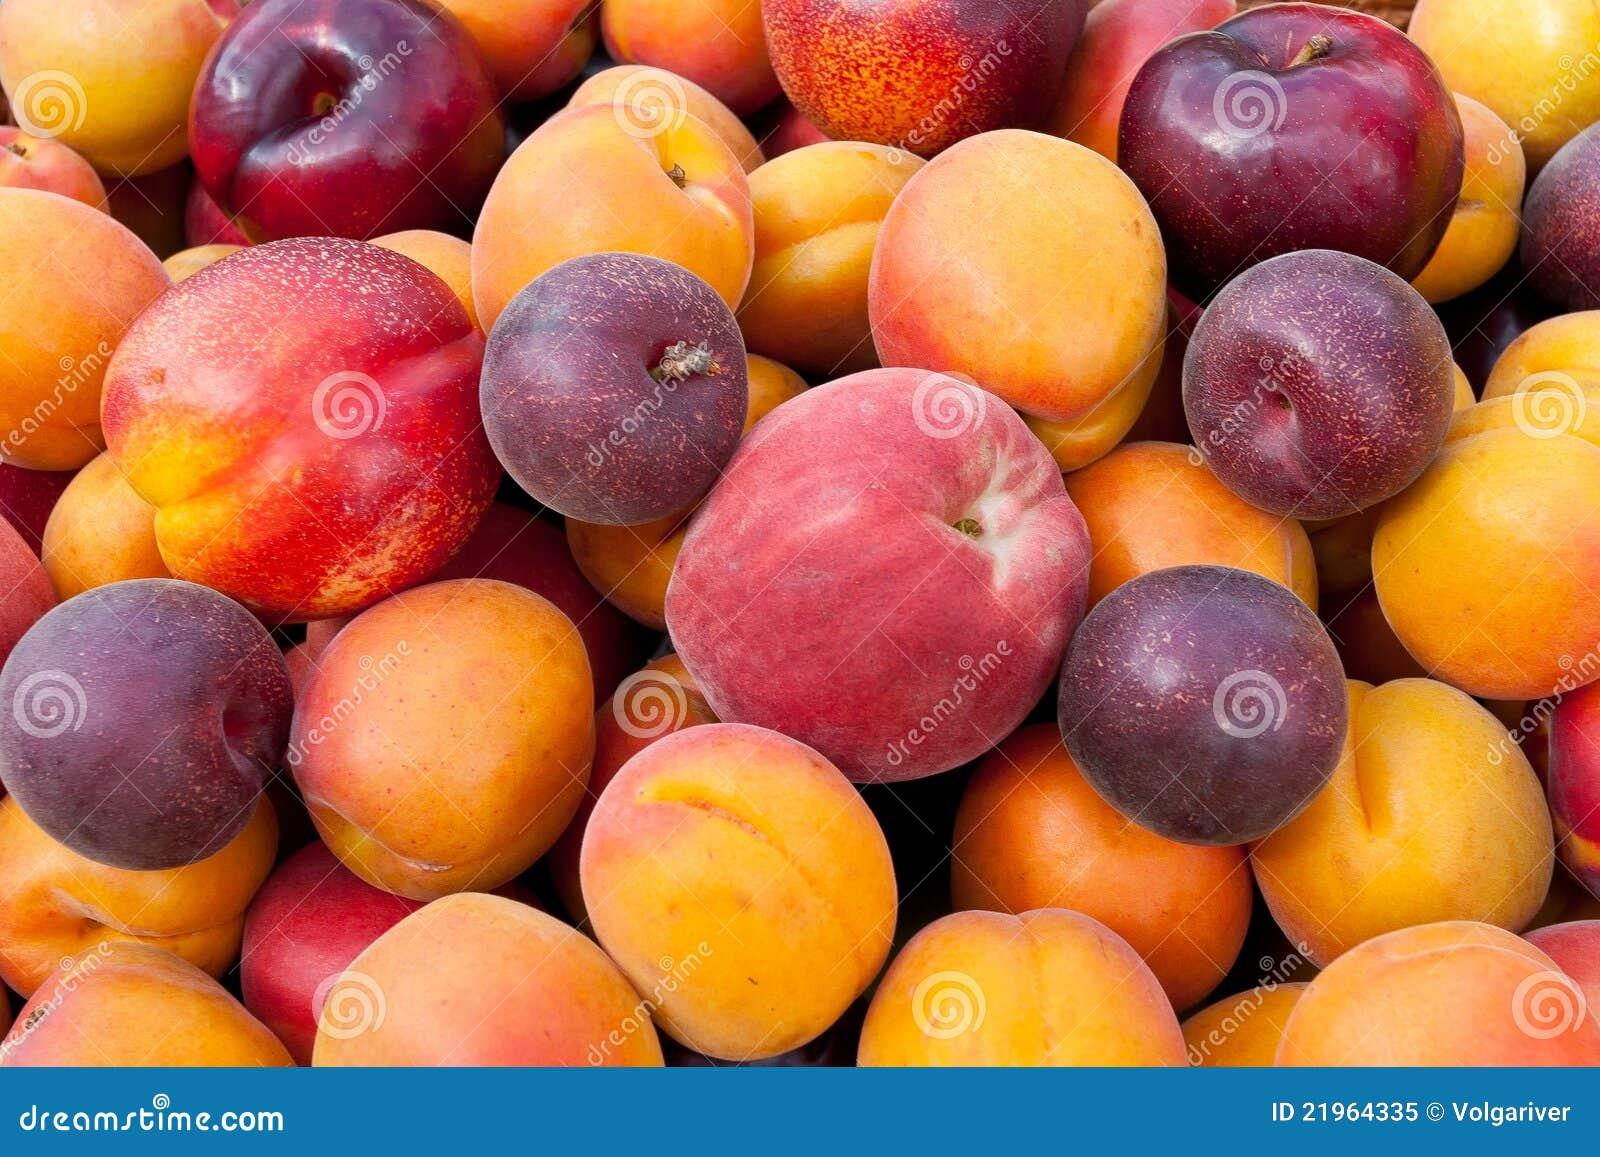 Stapel der bunten Früchte.